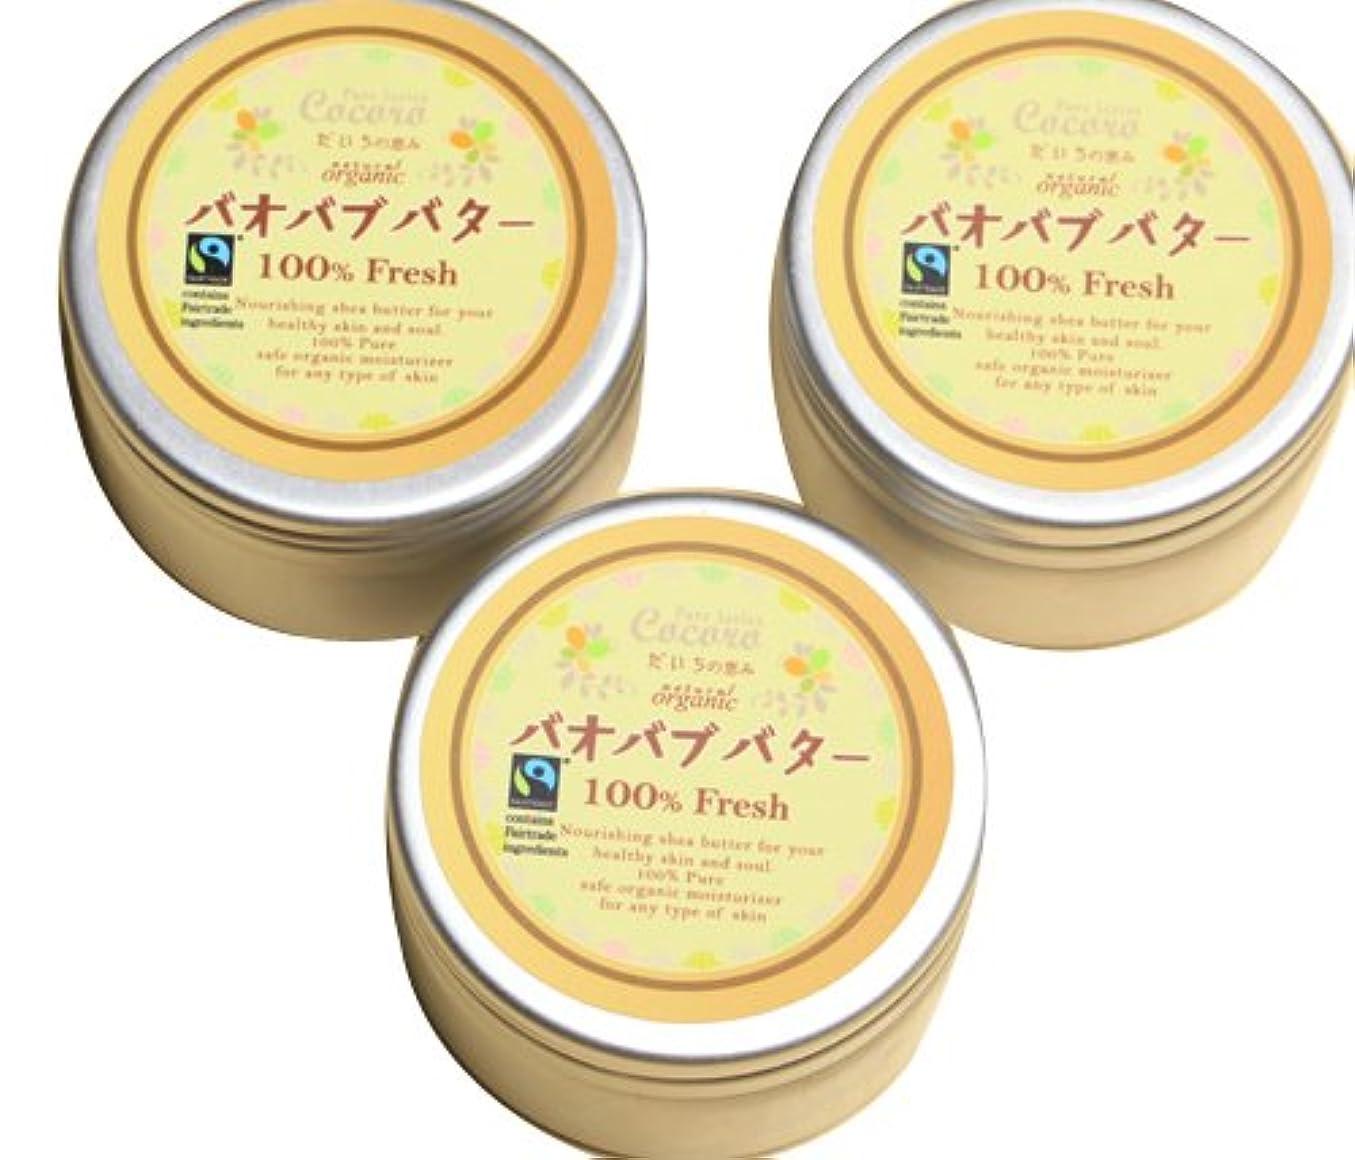 膜カートヒューマニスティックシアバターとバオバブオイルのブレンドバター フェアトレード認証つき 3個